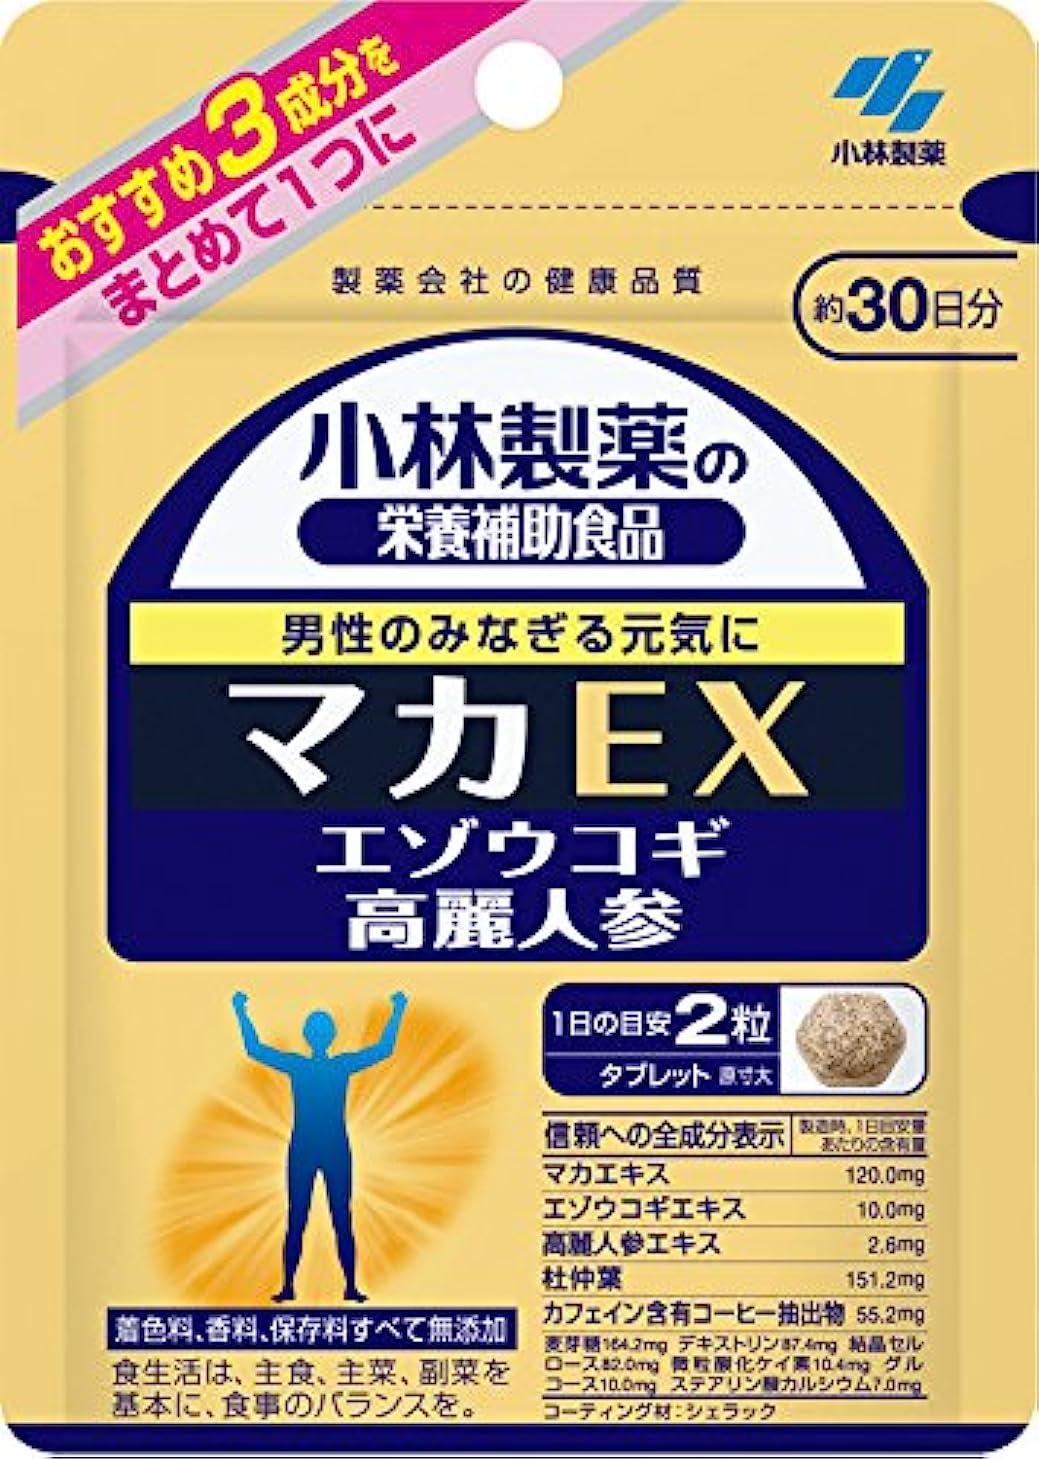 二次露強調する小林製薬の栄養補助食品 マカEX 約30日分 60粒